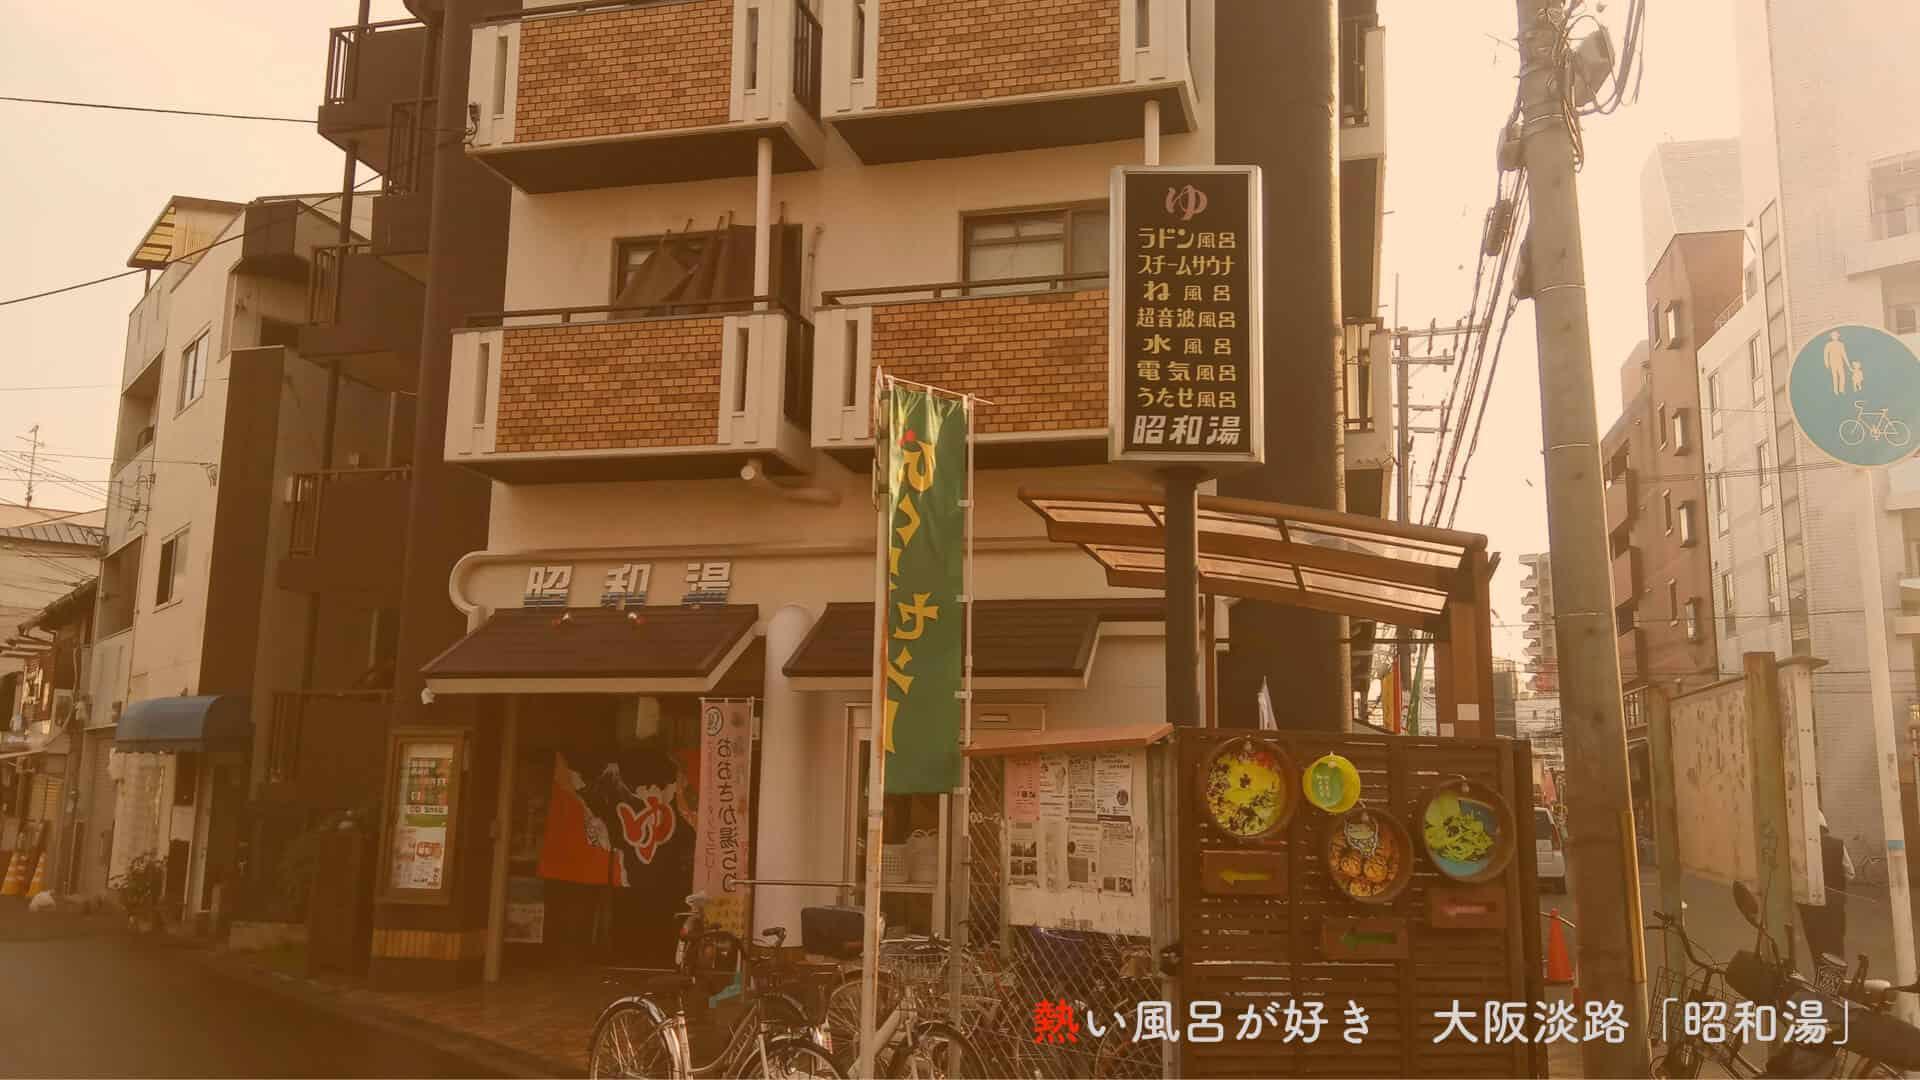 熱い風呂が好き 大阪淡路「昭和湯」